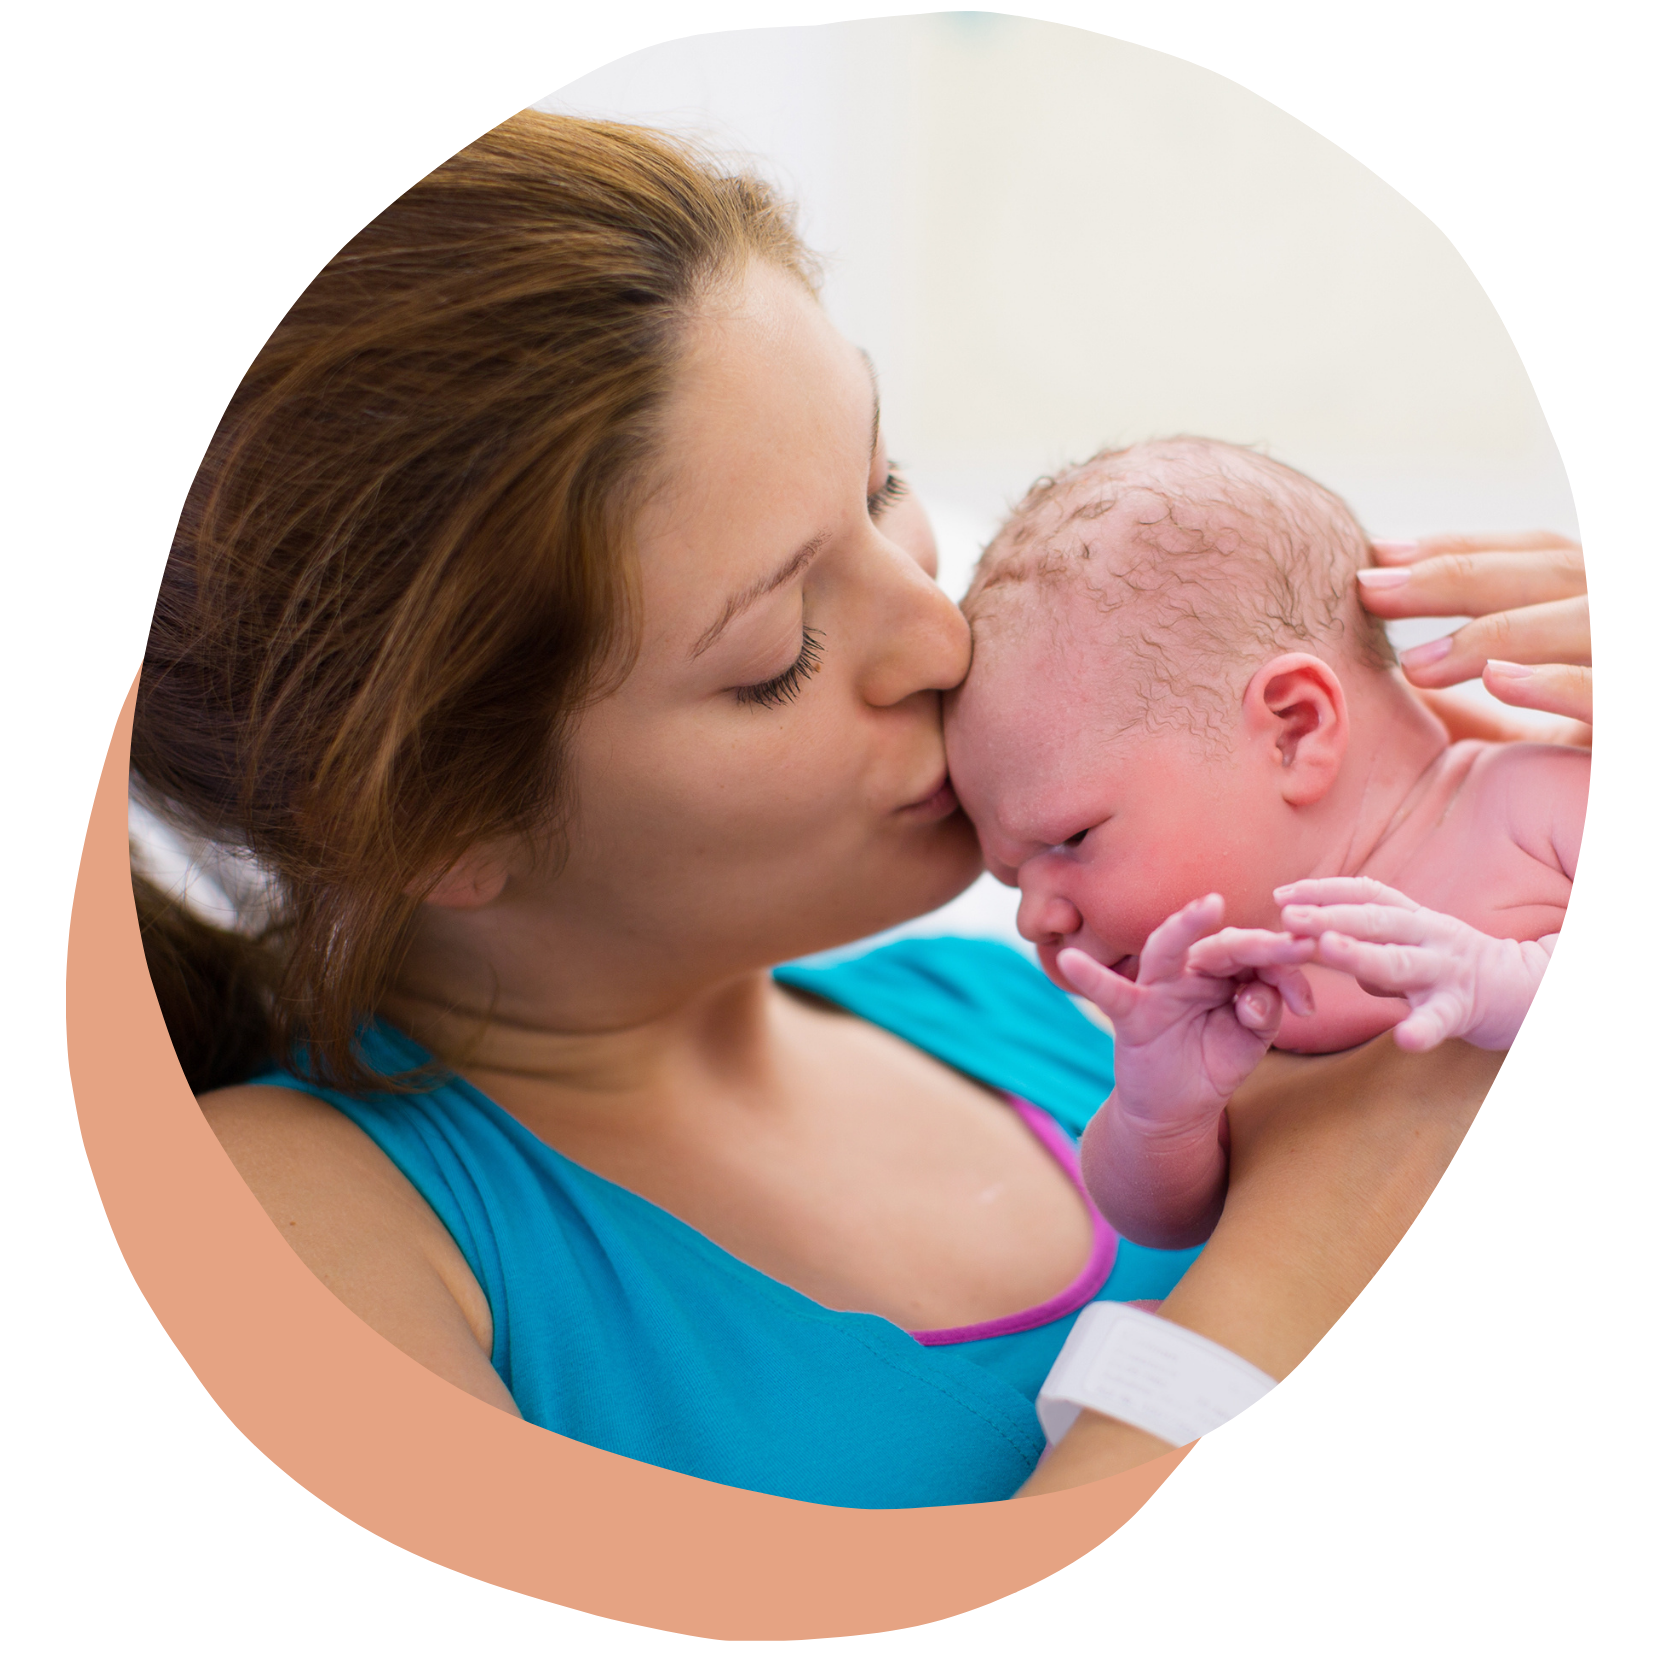 Image maman et bébé après naissance